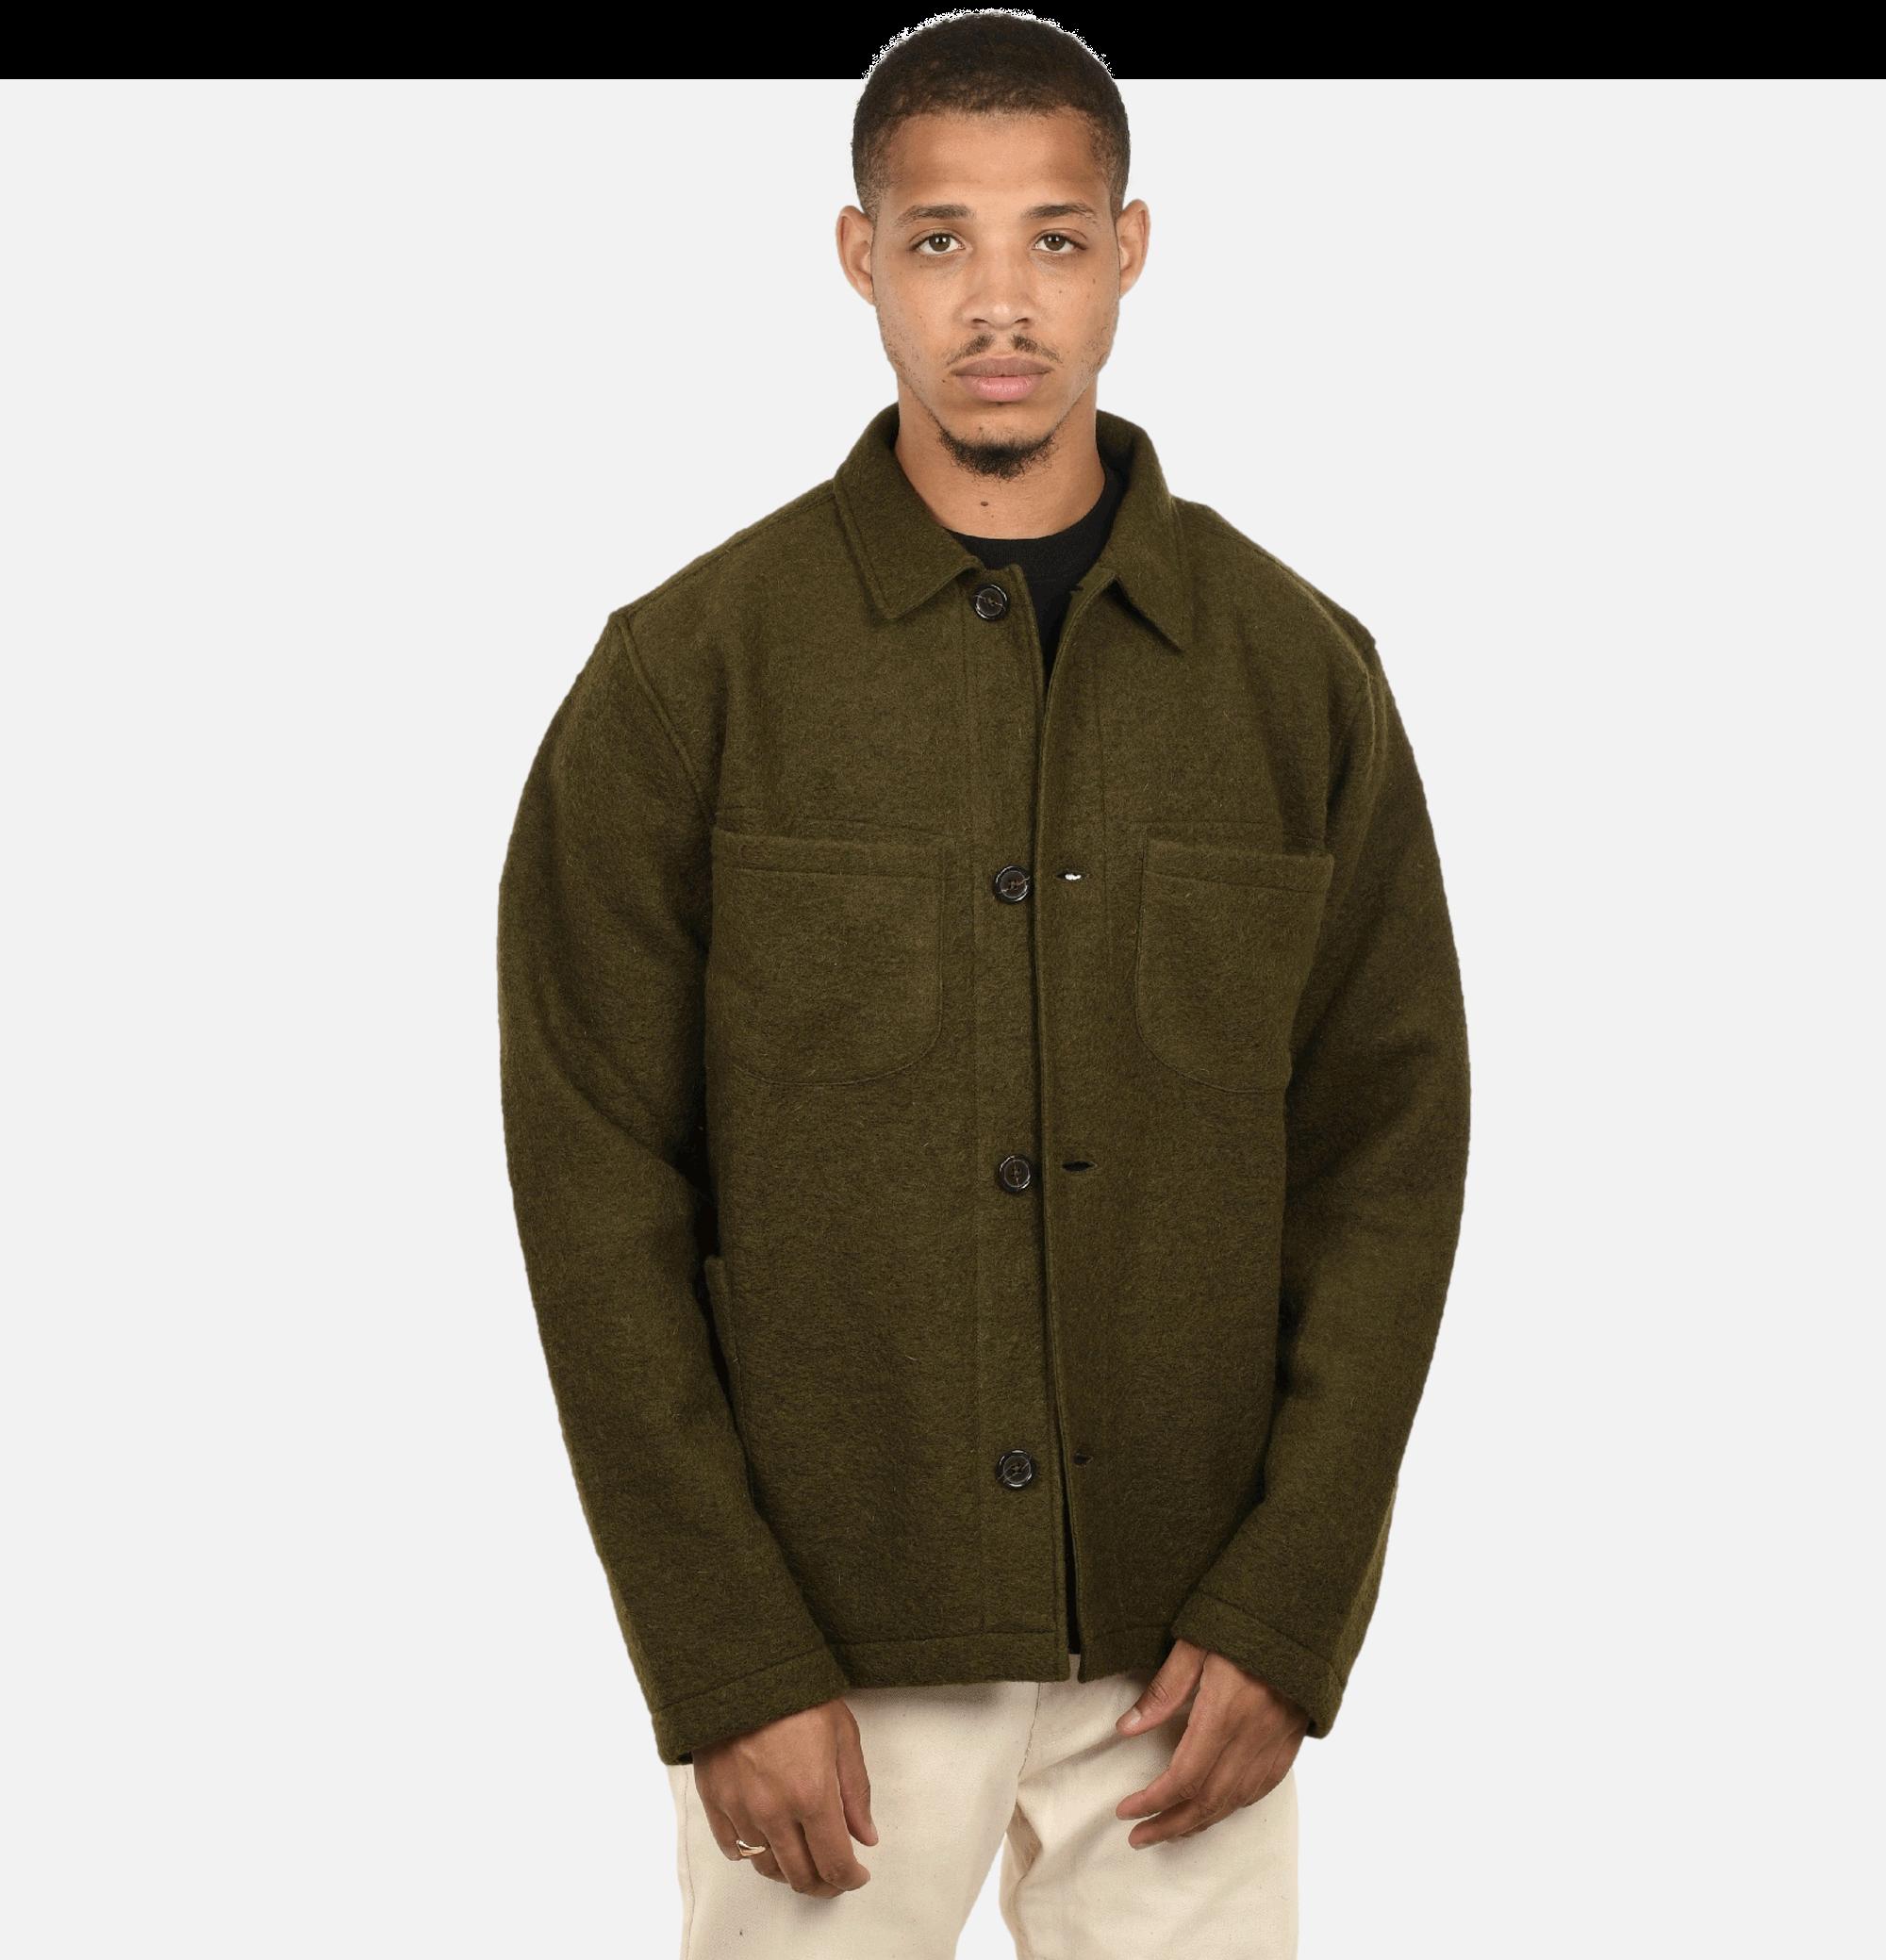 Lumber Fleece Jacket Olive